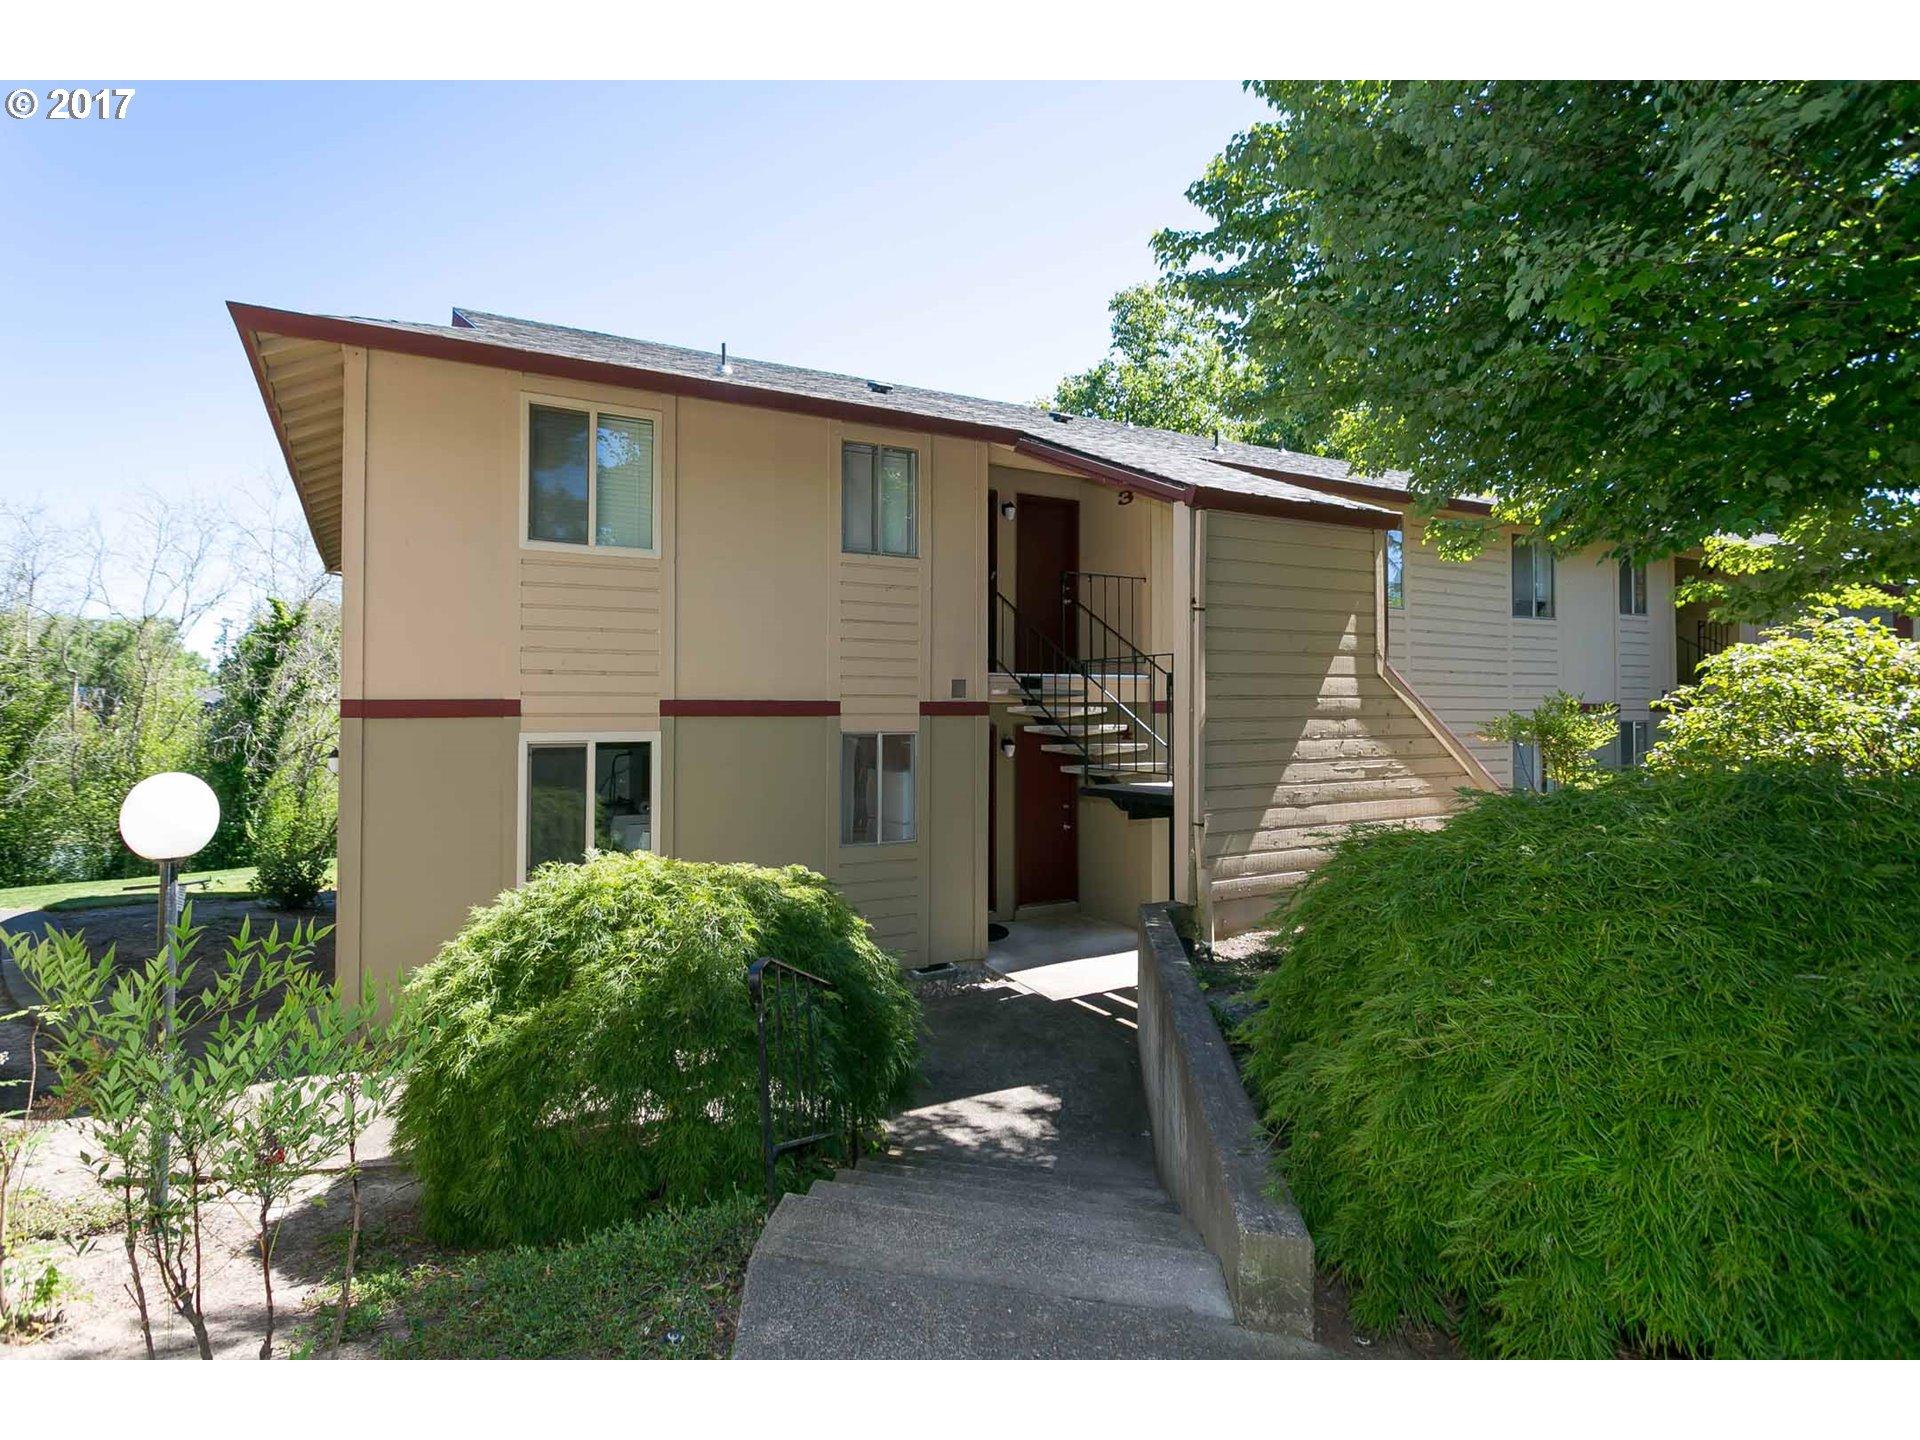 12614 NW BARNES RD 2, Portland, OR 97229